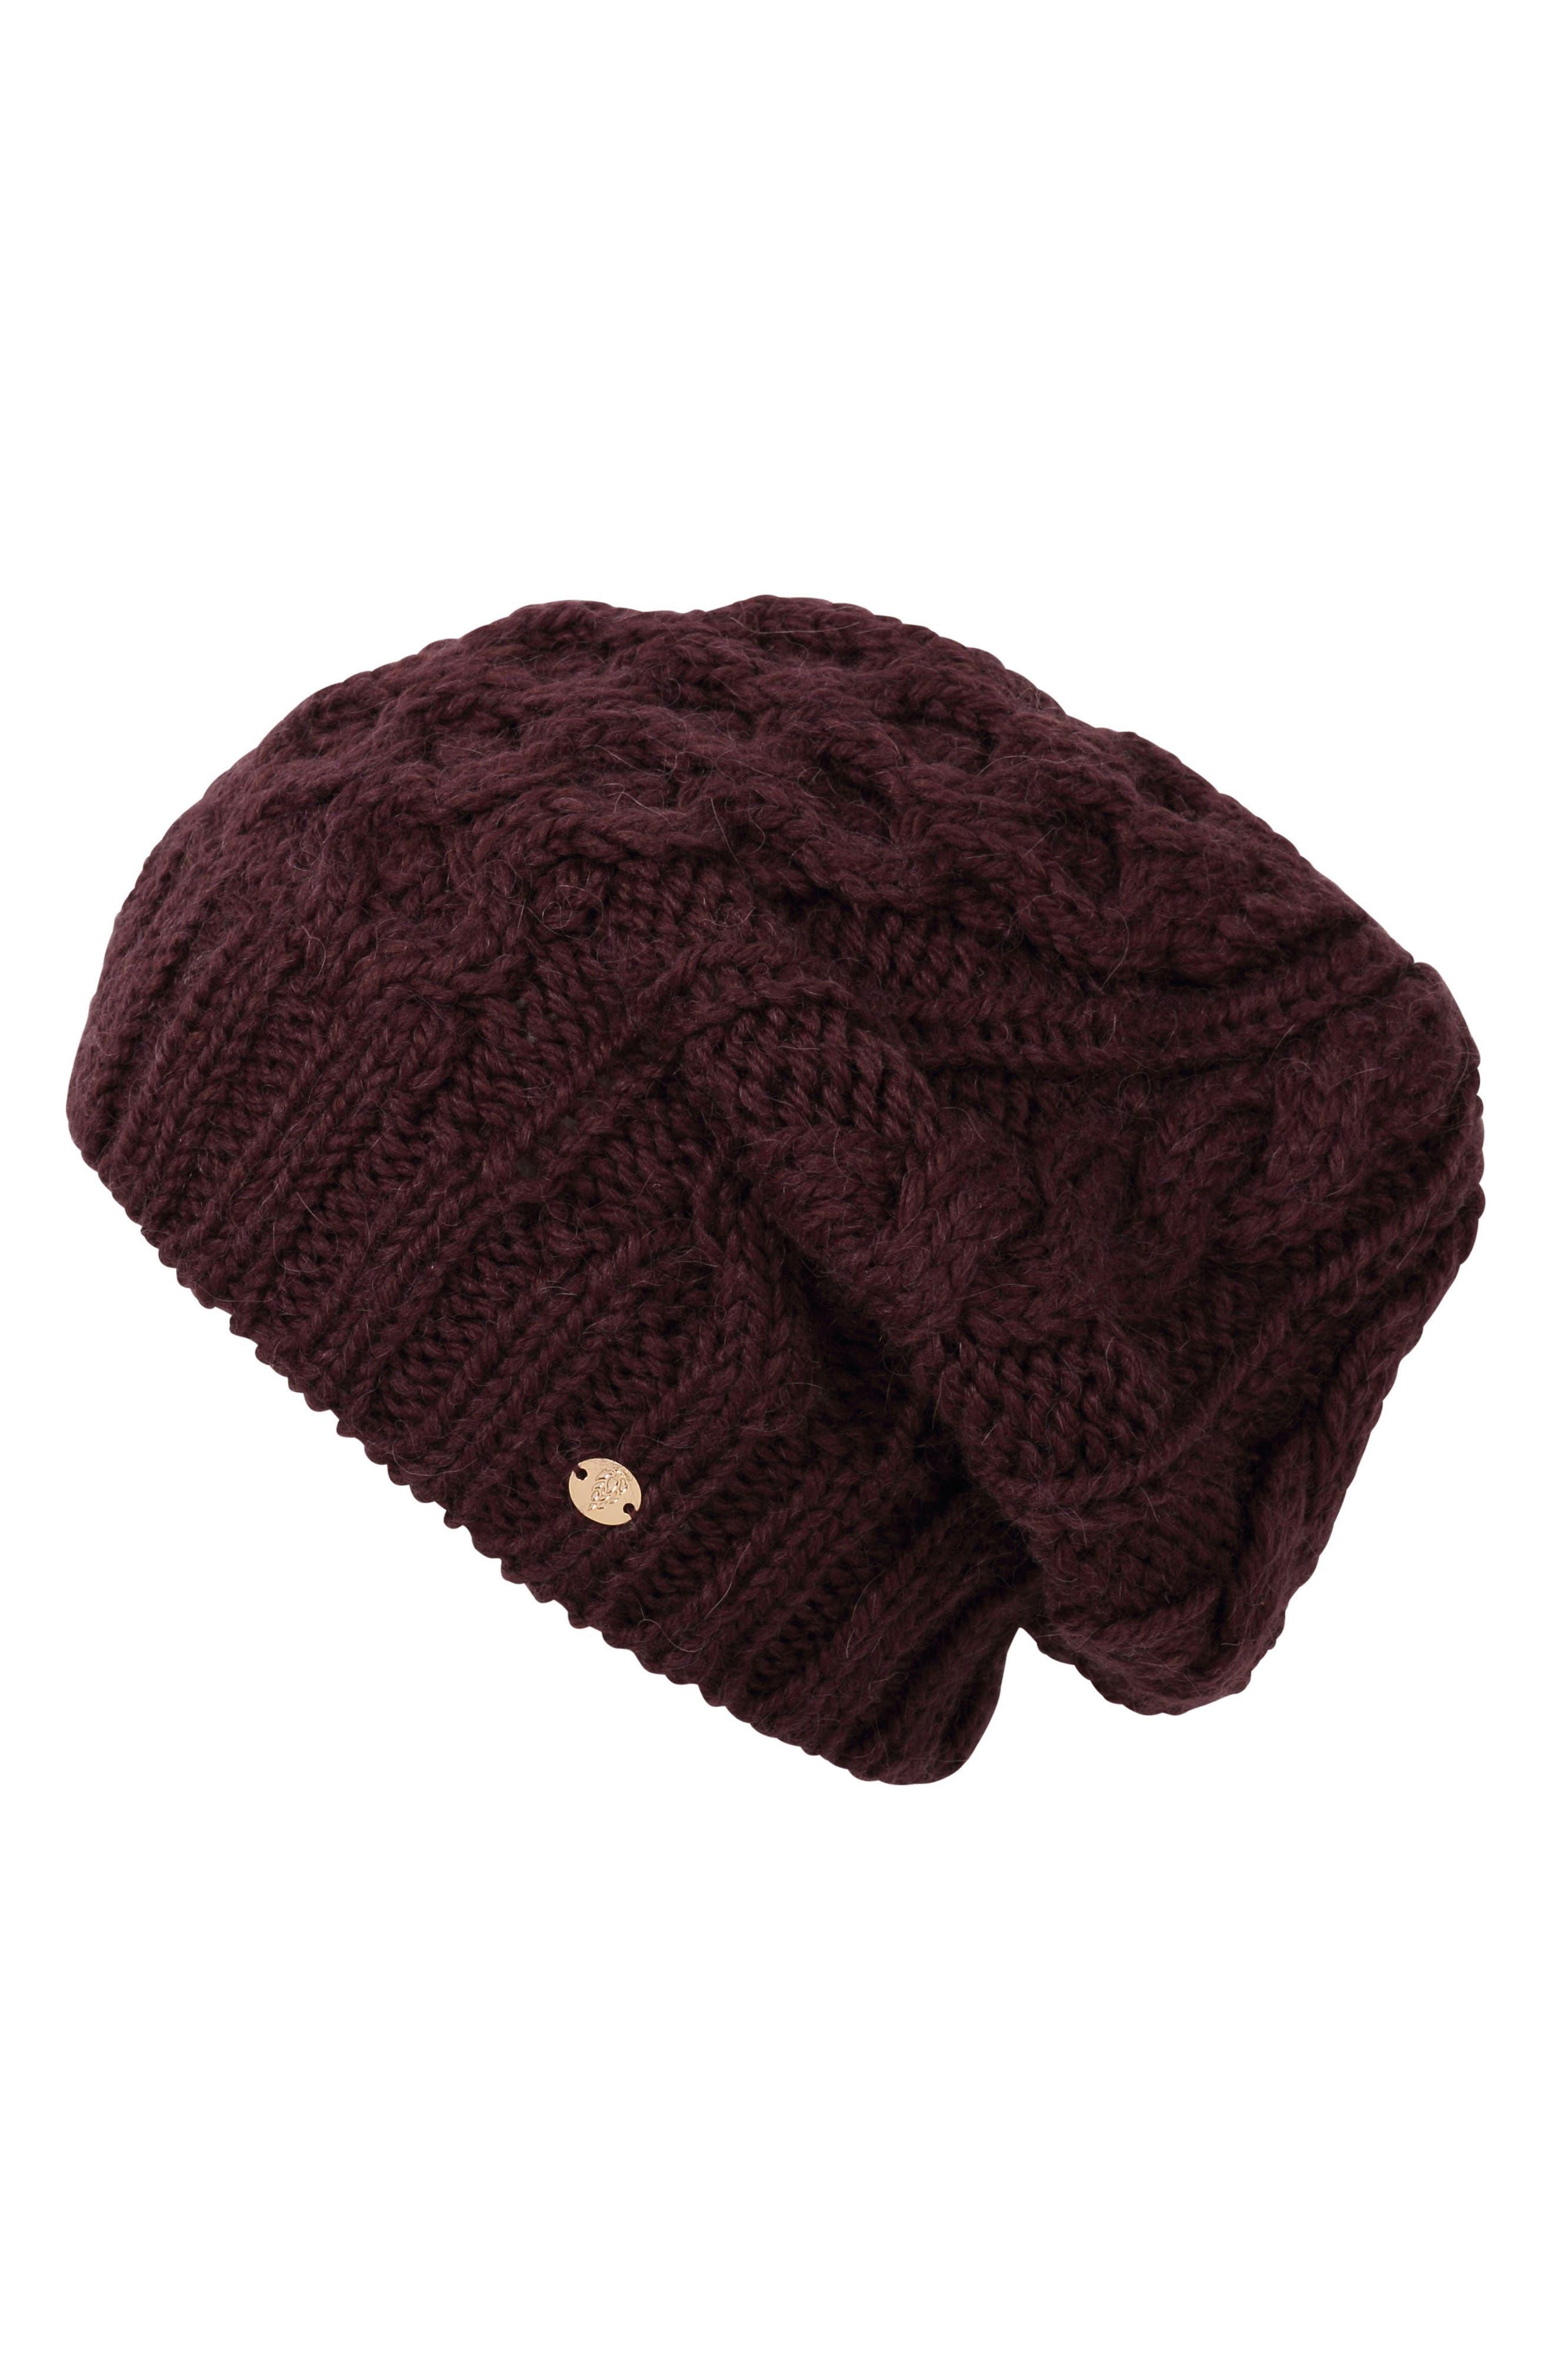 Helen Kaminski Slouchy Knit Beanie